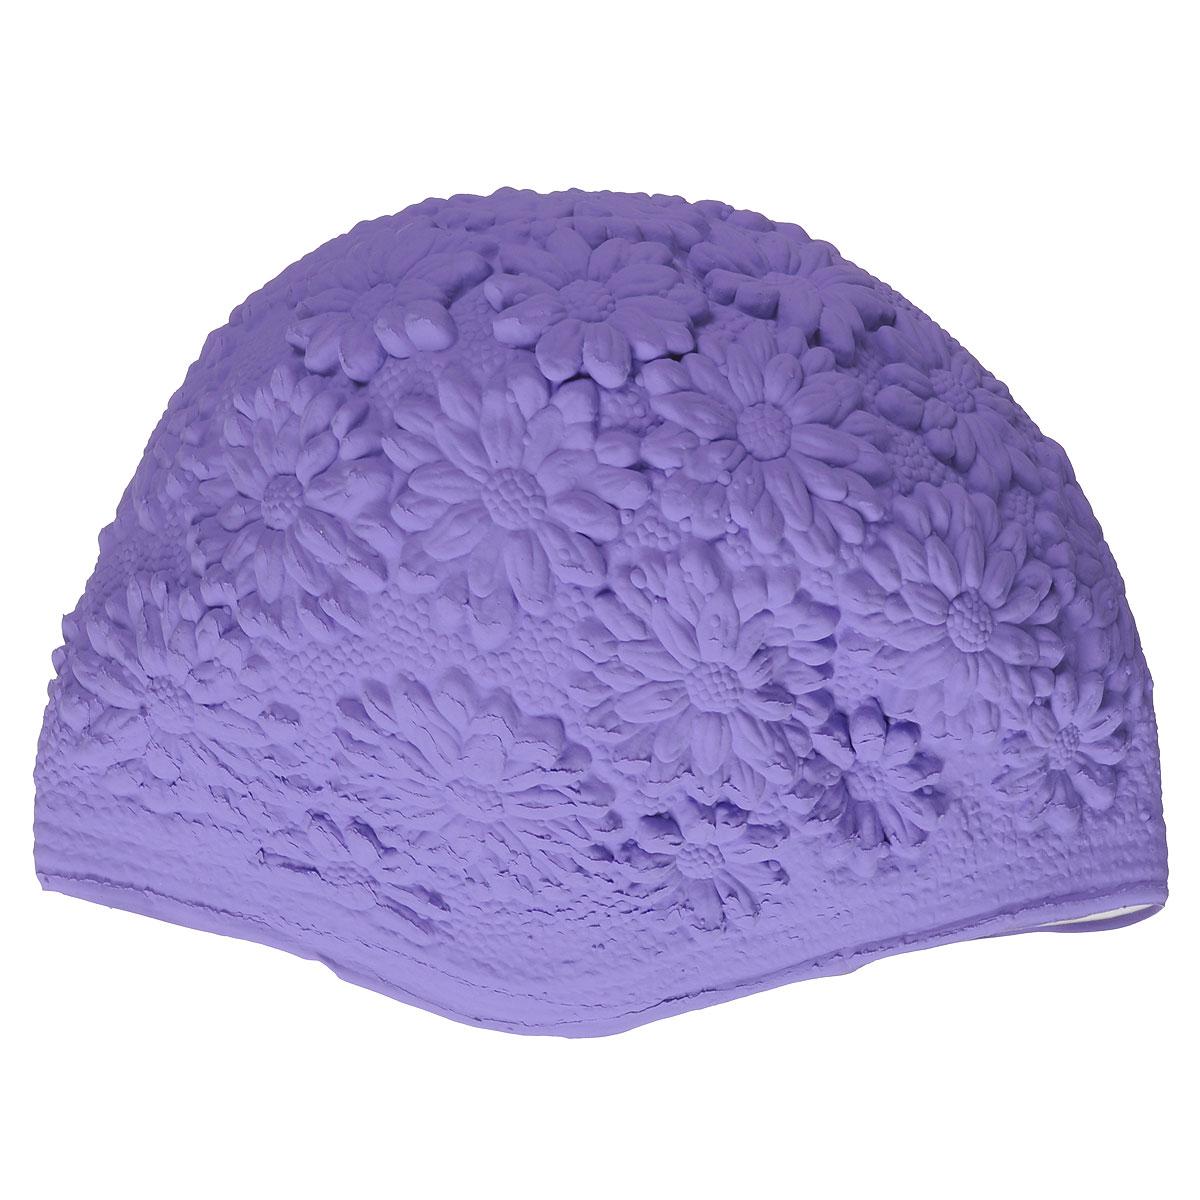 Шапочка для плавания MadWave Hawaii Chrysanthemum, женская, цвет: пурпурныйTS V-31 WЛатексная шапочка для плавания MadWave Hawaii Chrysanthemum декорирована цветочным рельефом. Имеет превосходную эластичность и высокий уровень комфорта. Высококачественный материал обеспечивает долгий срок службы. Пузырьковая поверхность уменьшает площадь соприкосновения с волосами.Обхват головы: 53 см.